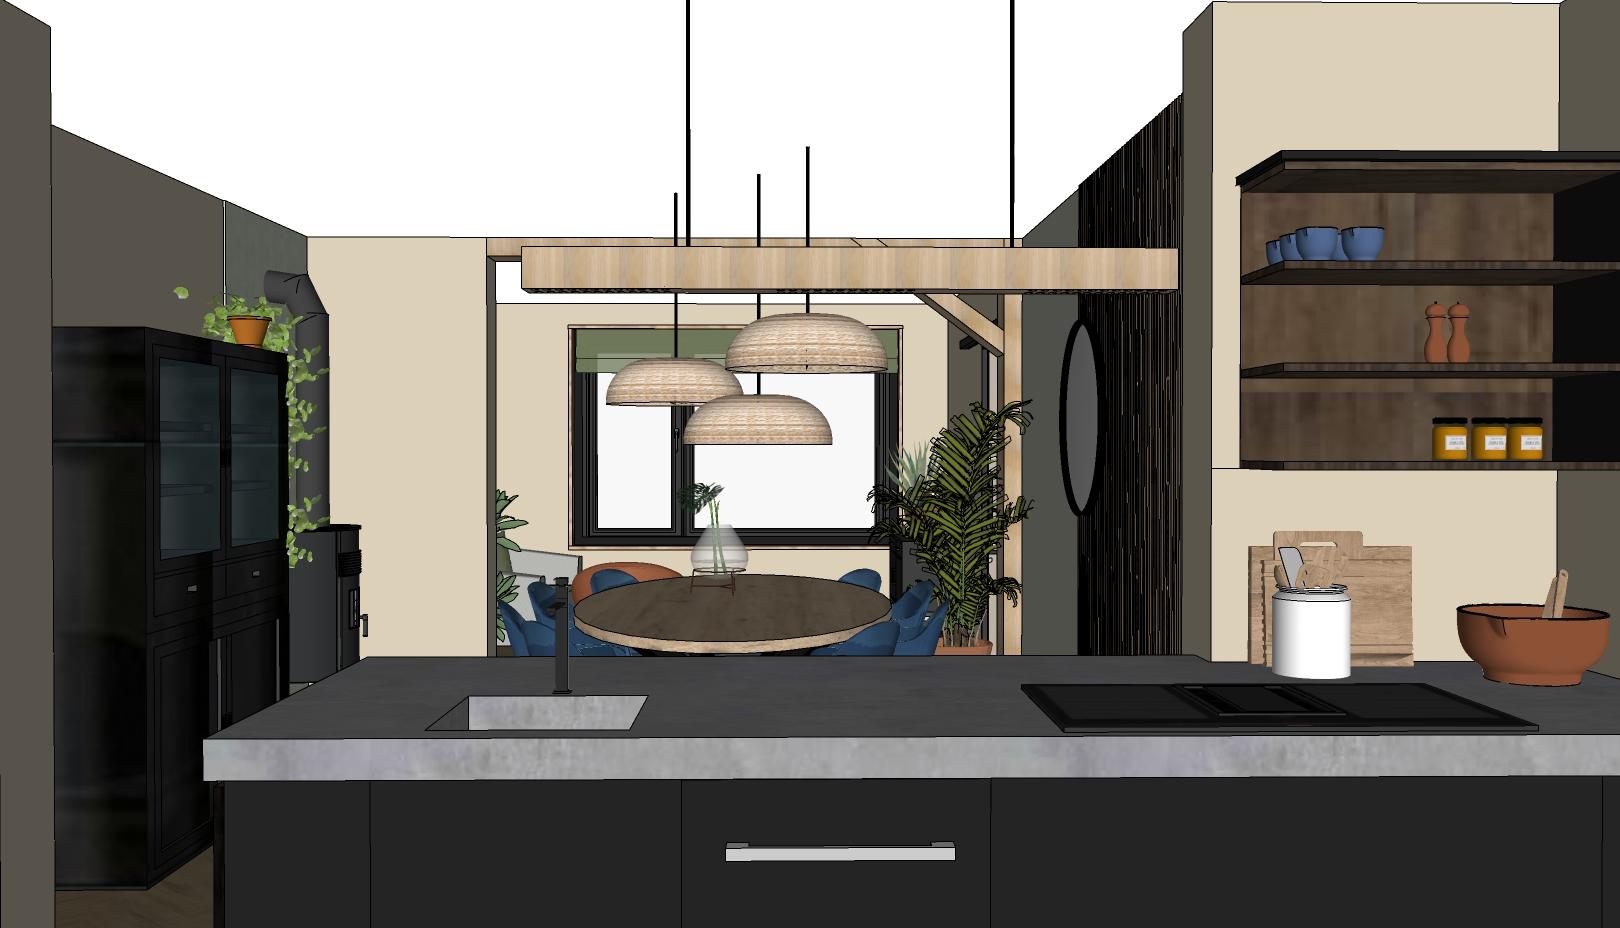 zwarte keuken met betonnen blad